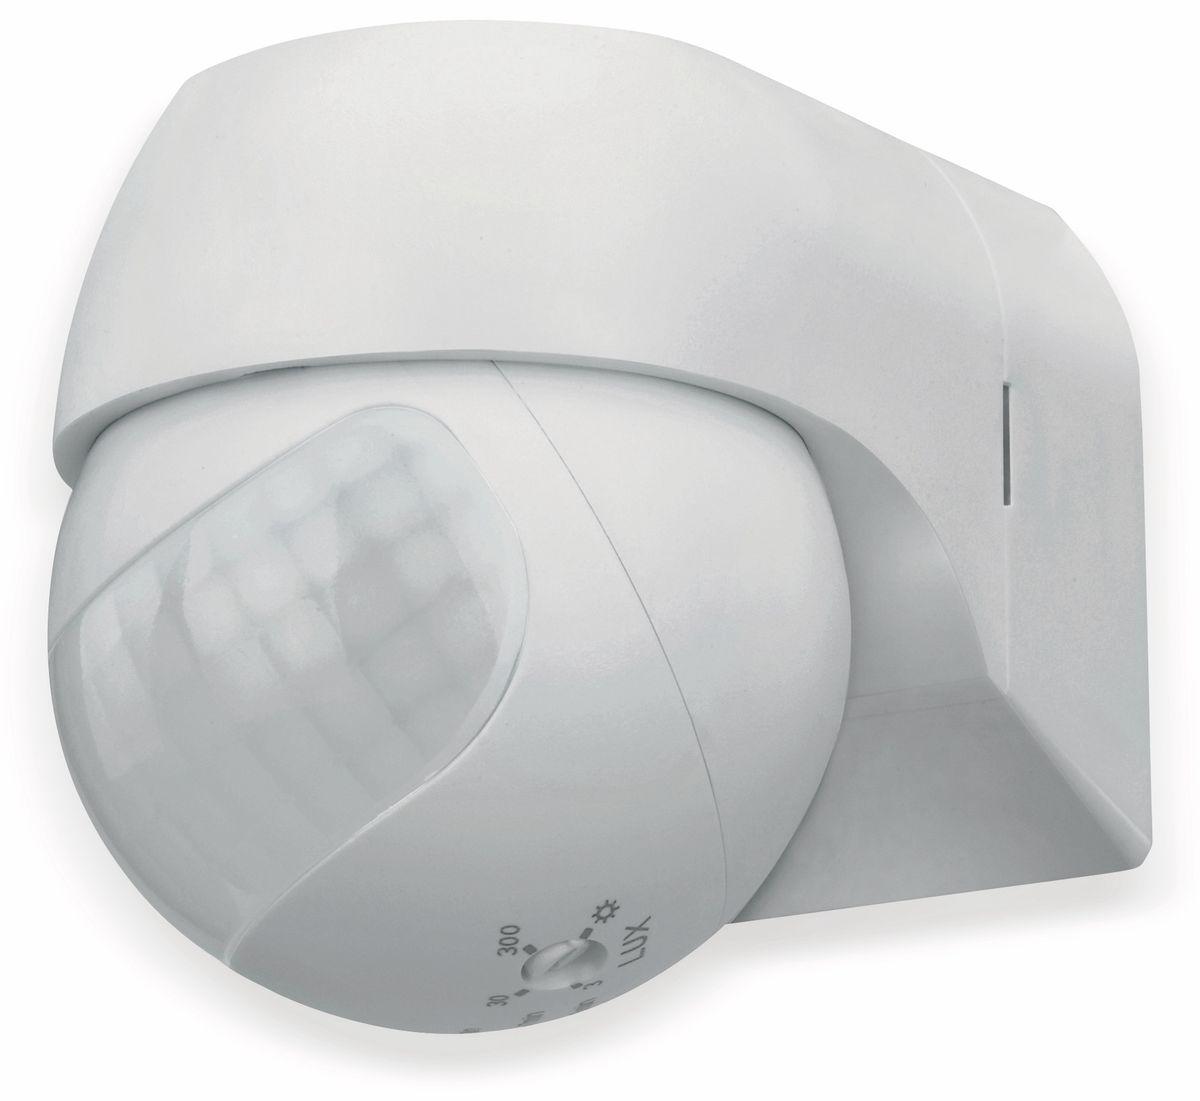 Bewegungsmelder SONERO X-IMS080, 180°, IP44, schwenkbar, weiß online ...